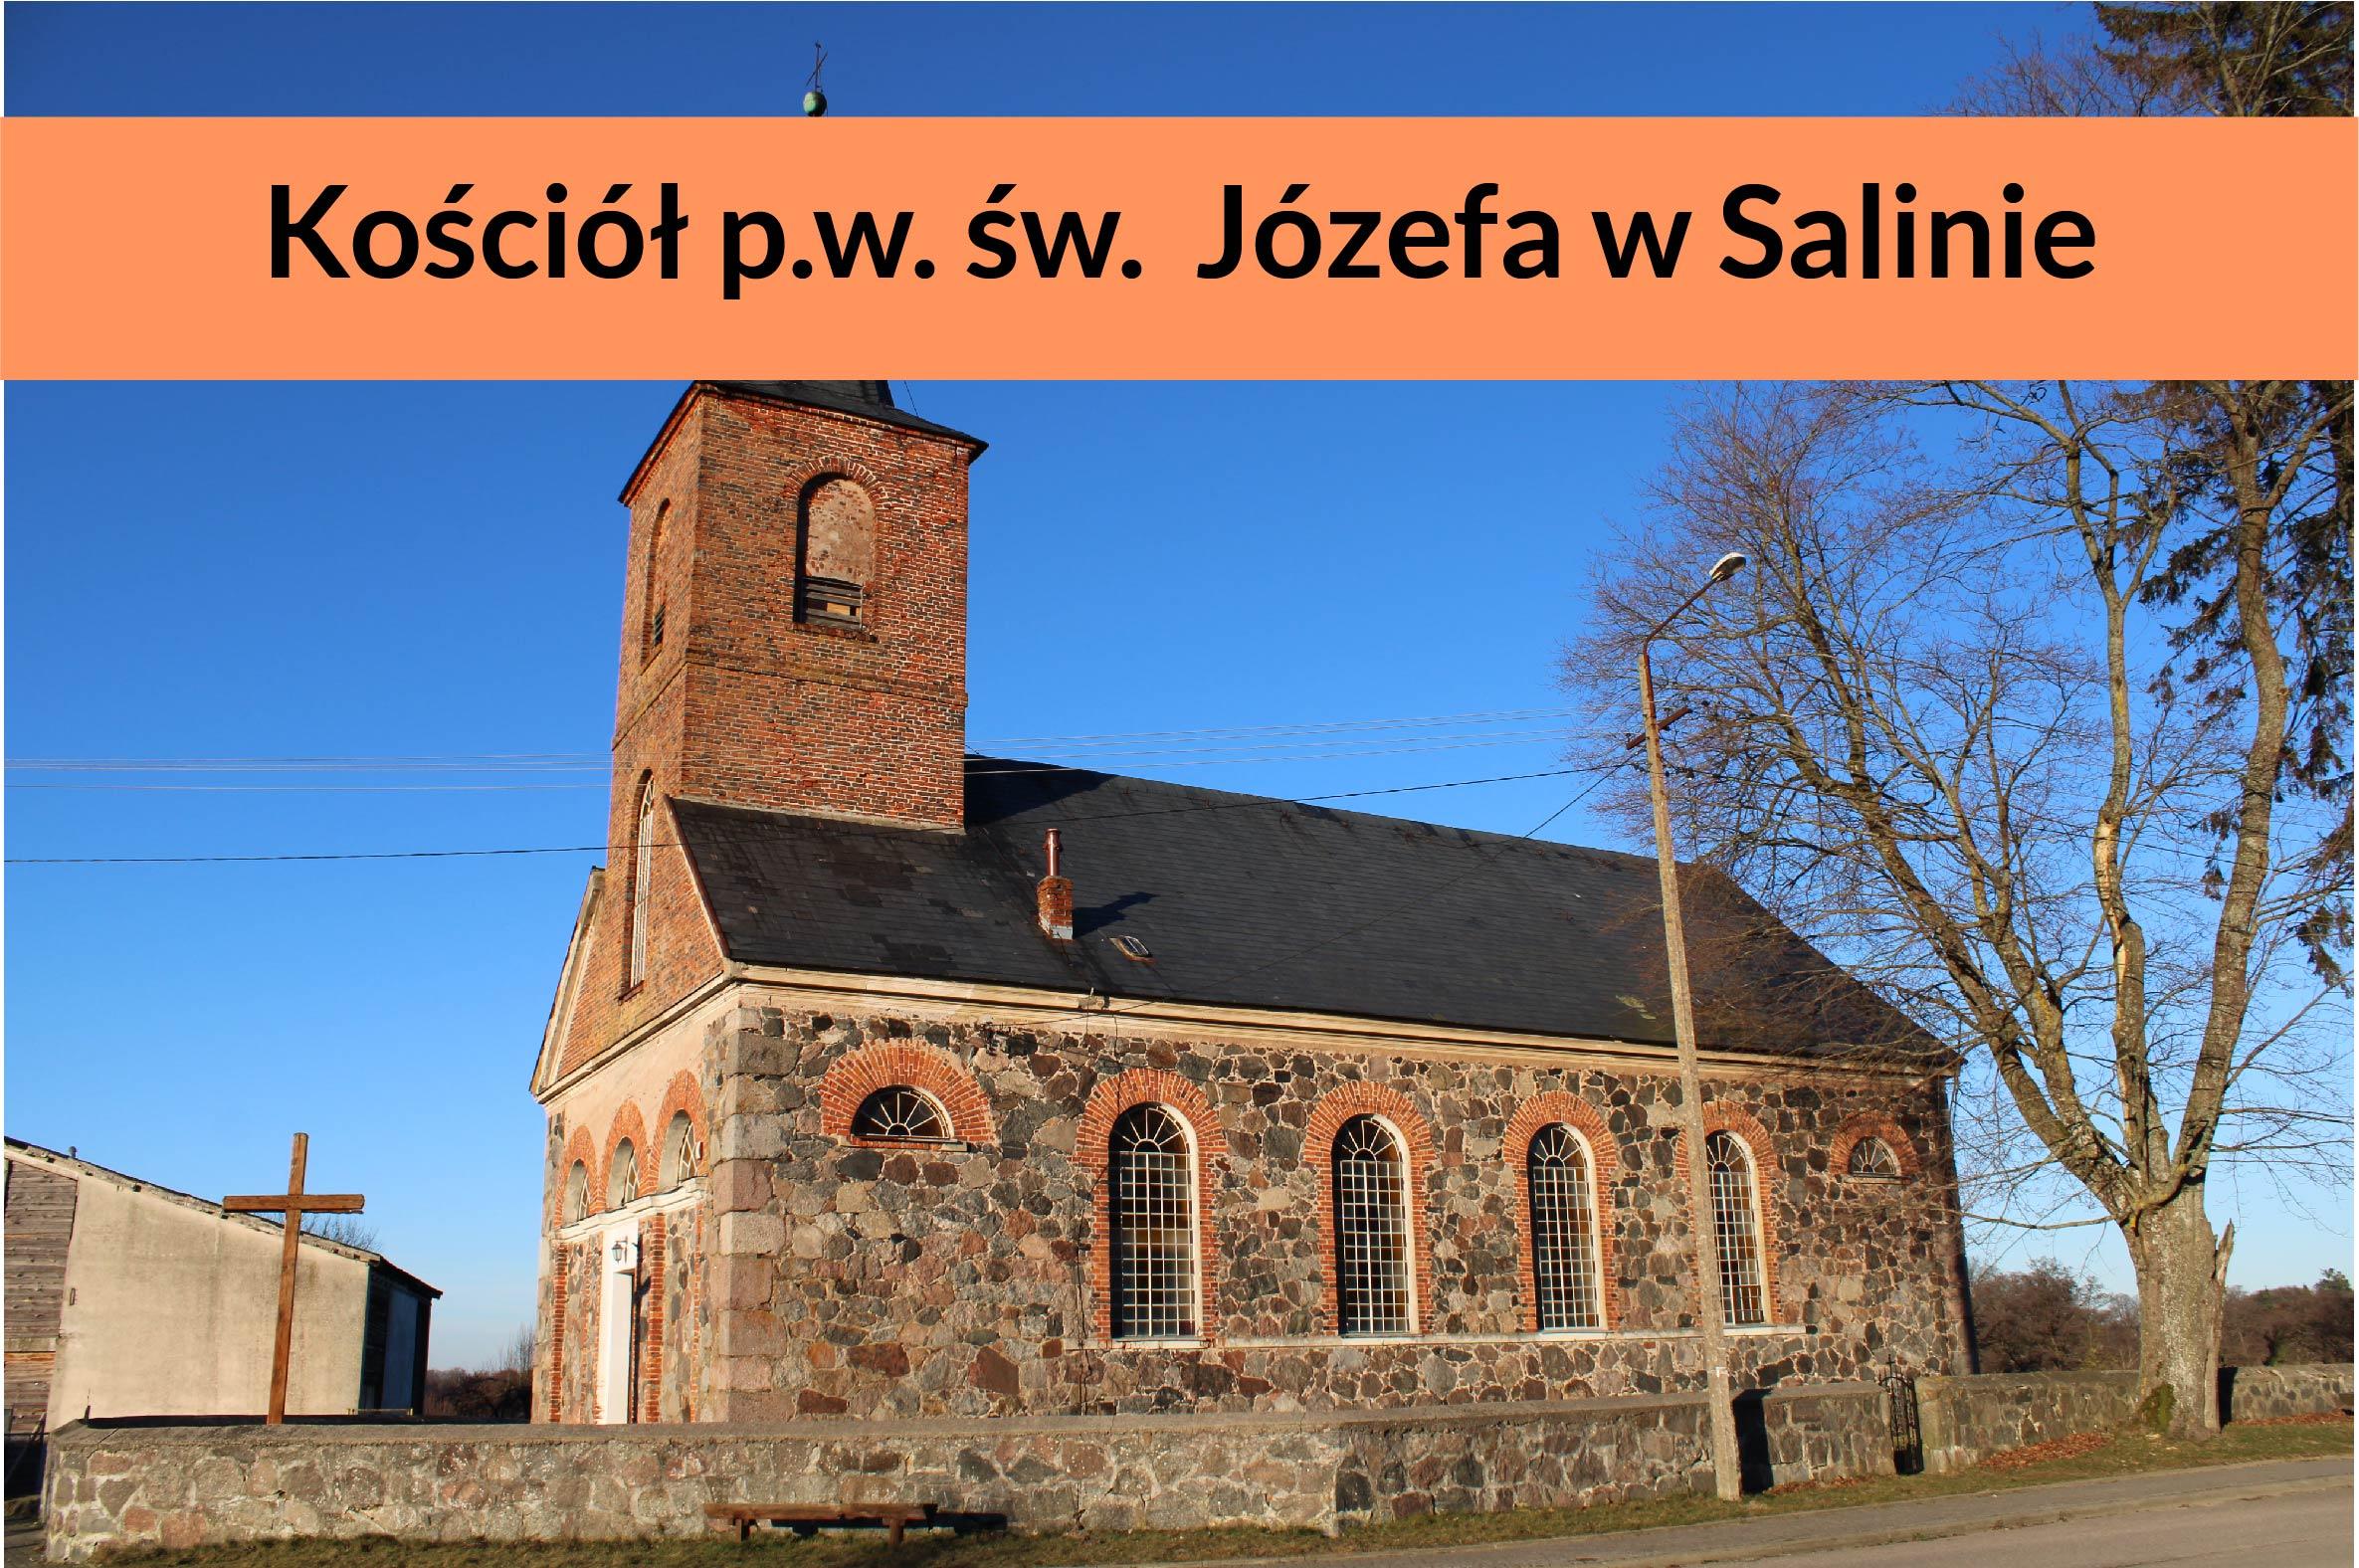 Bryła kościoła neoromańskiego w Salinie